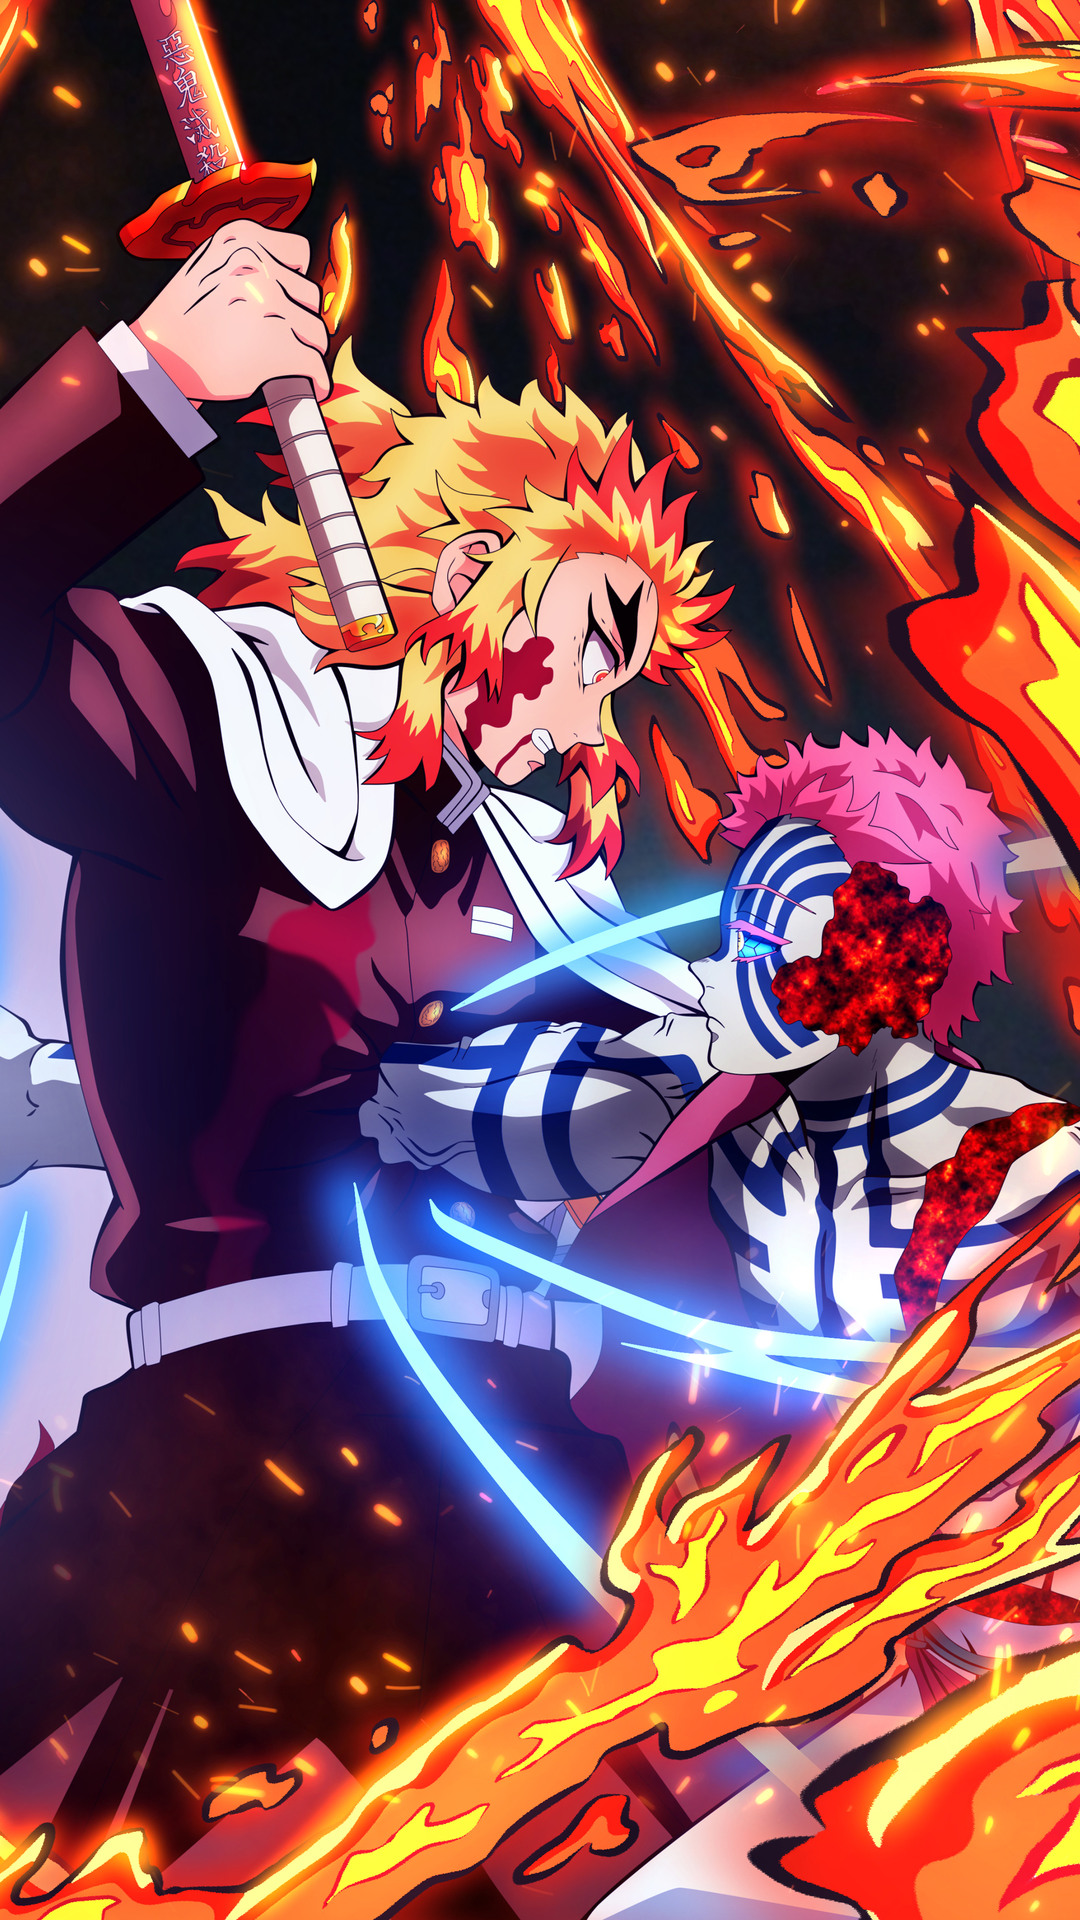 Demon Slayer Kyojuro Rengoku vs. Akaza